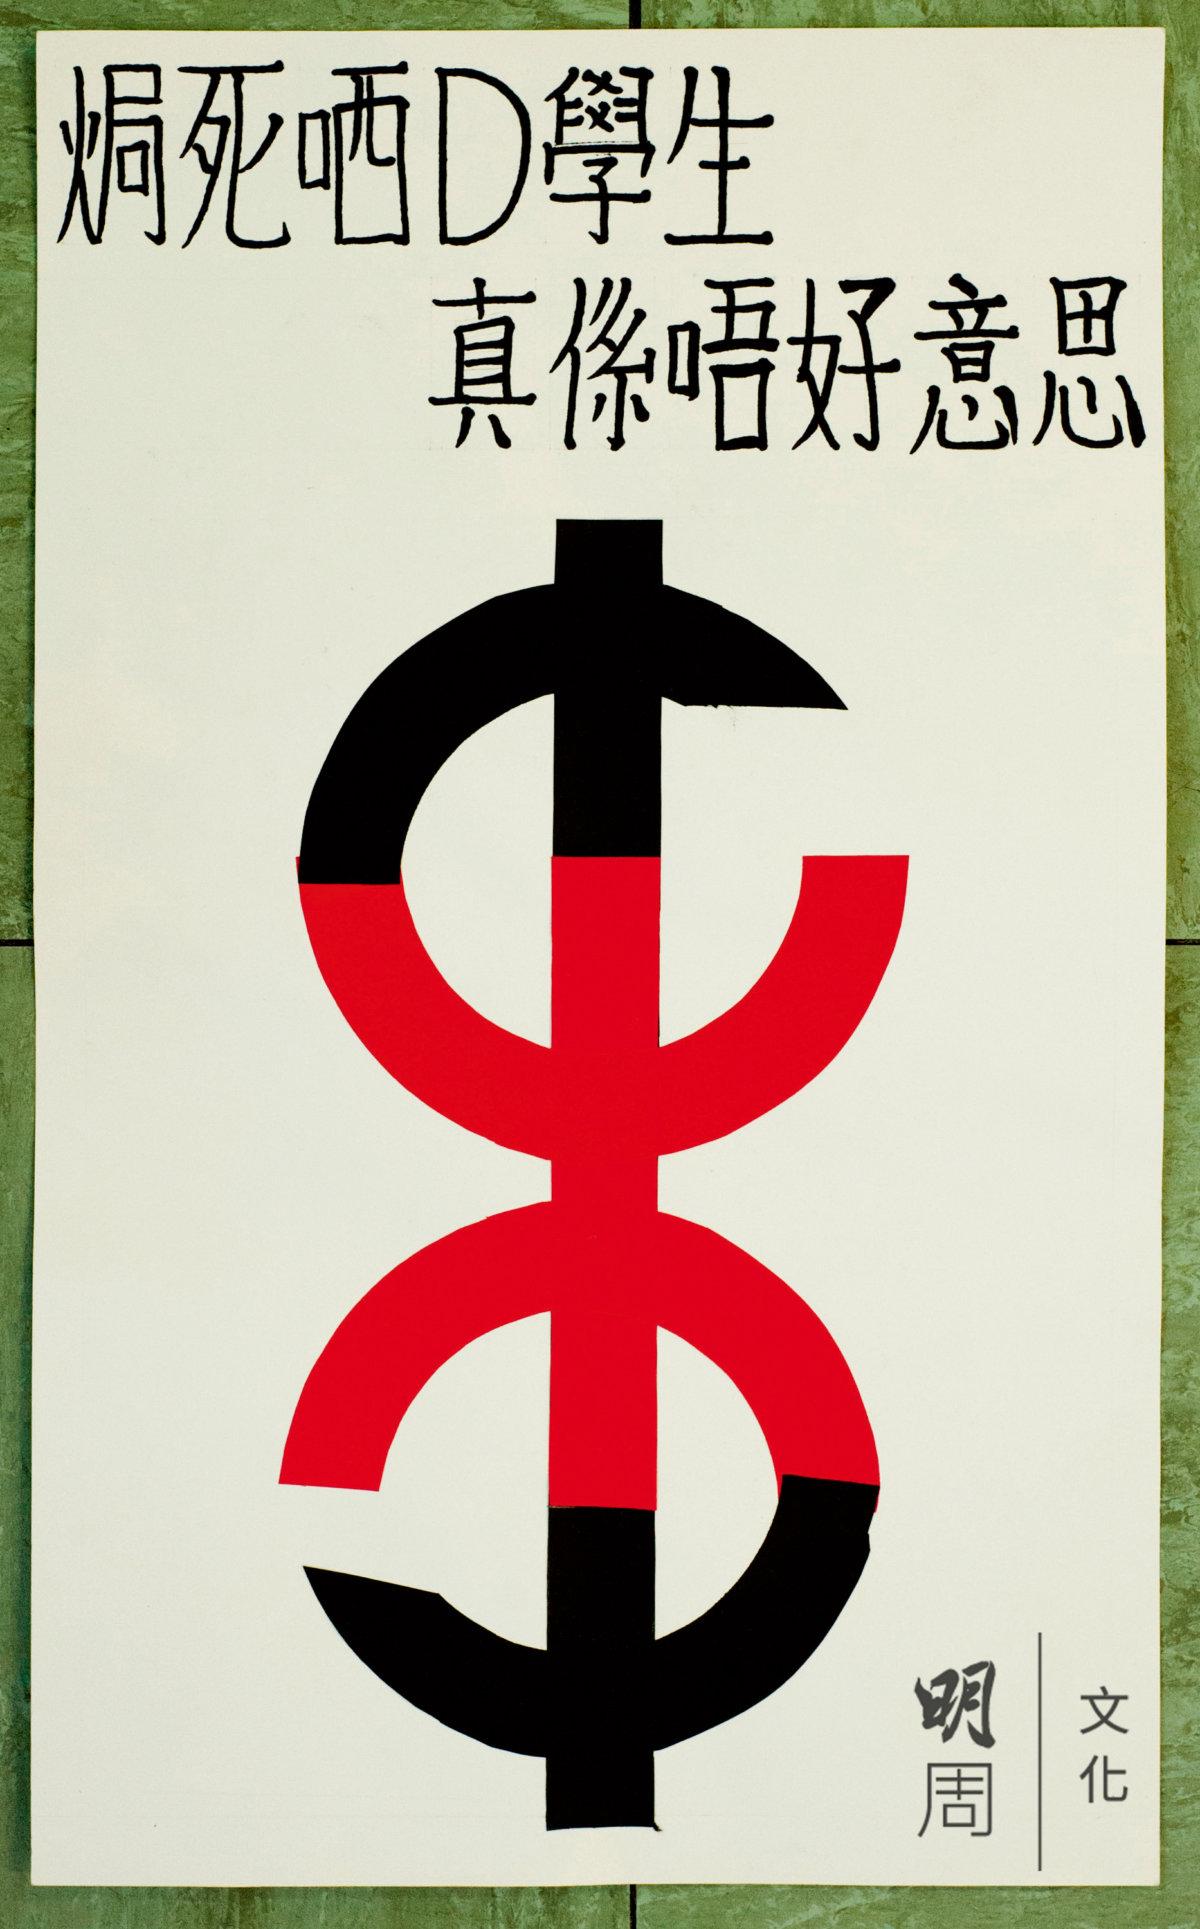 為天榮站反屏風樓,學生發揮創意,自製海報。(學生陳肇軒作品)